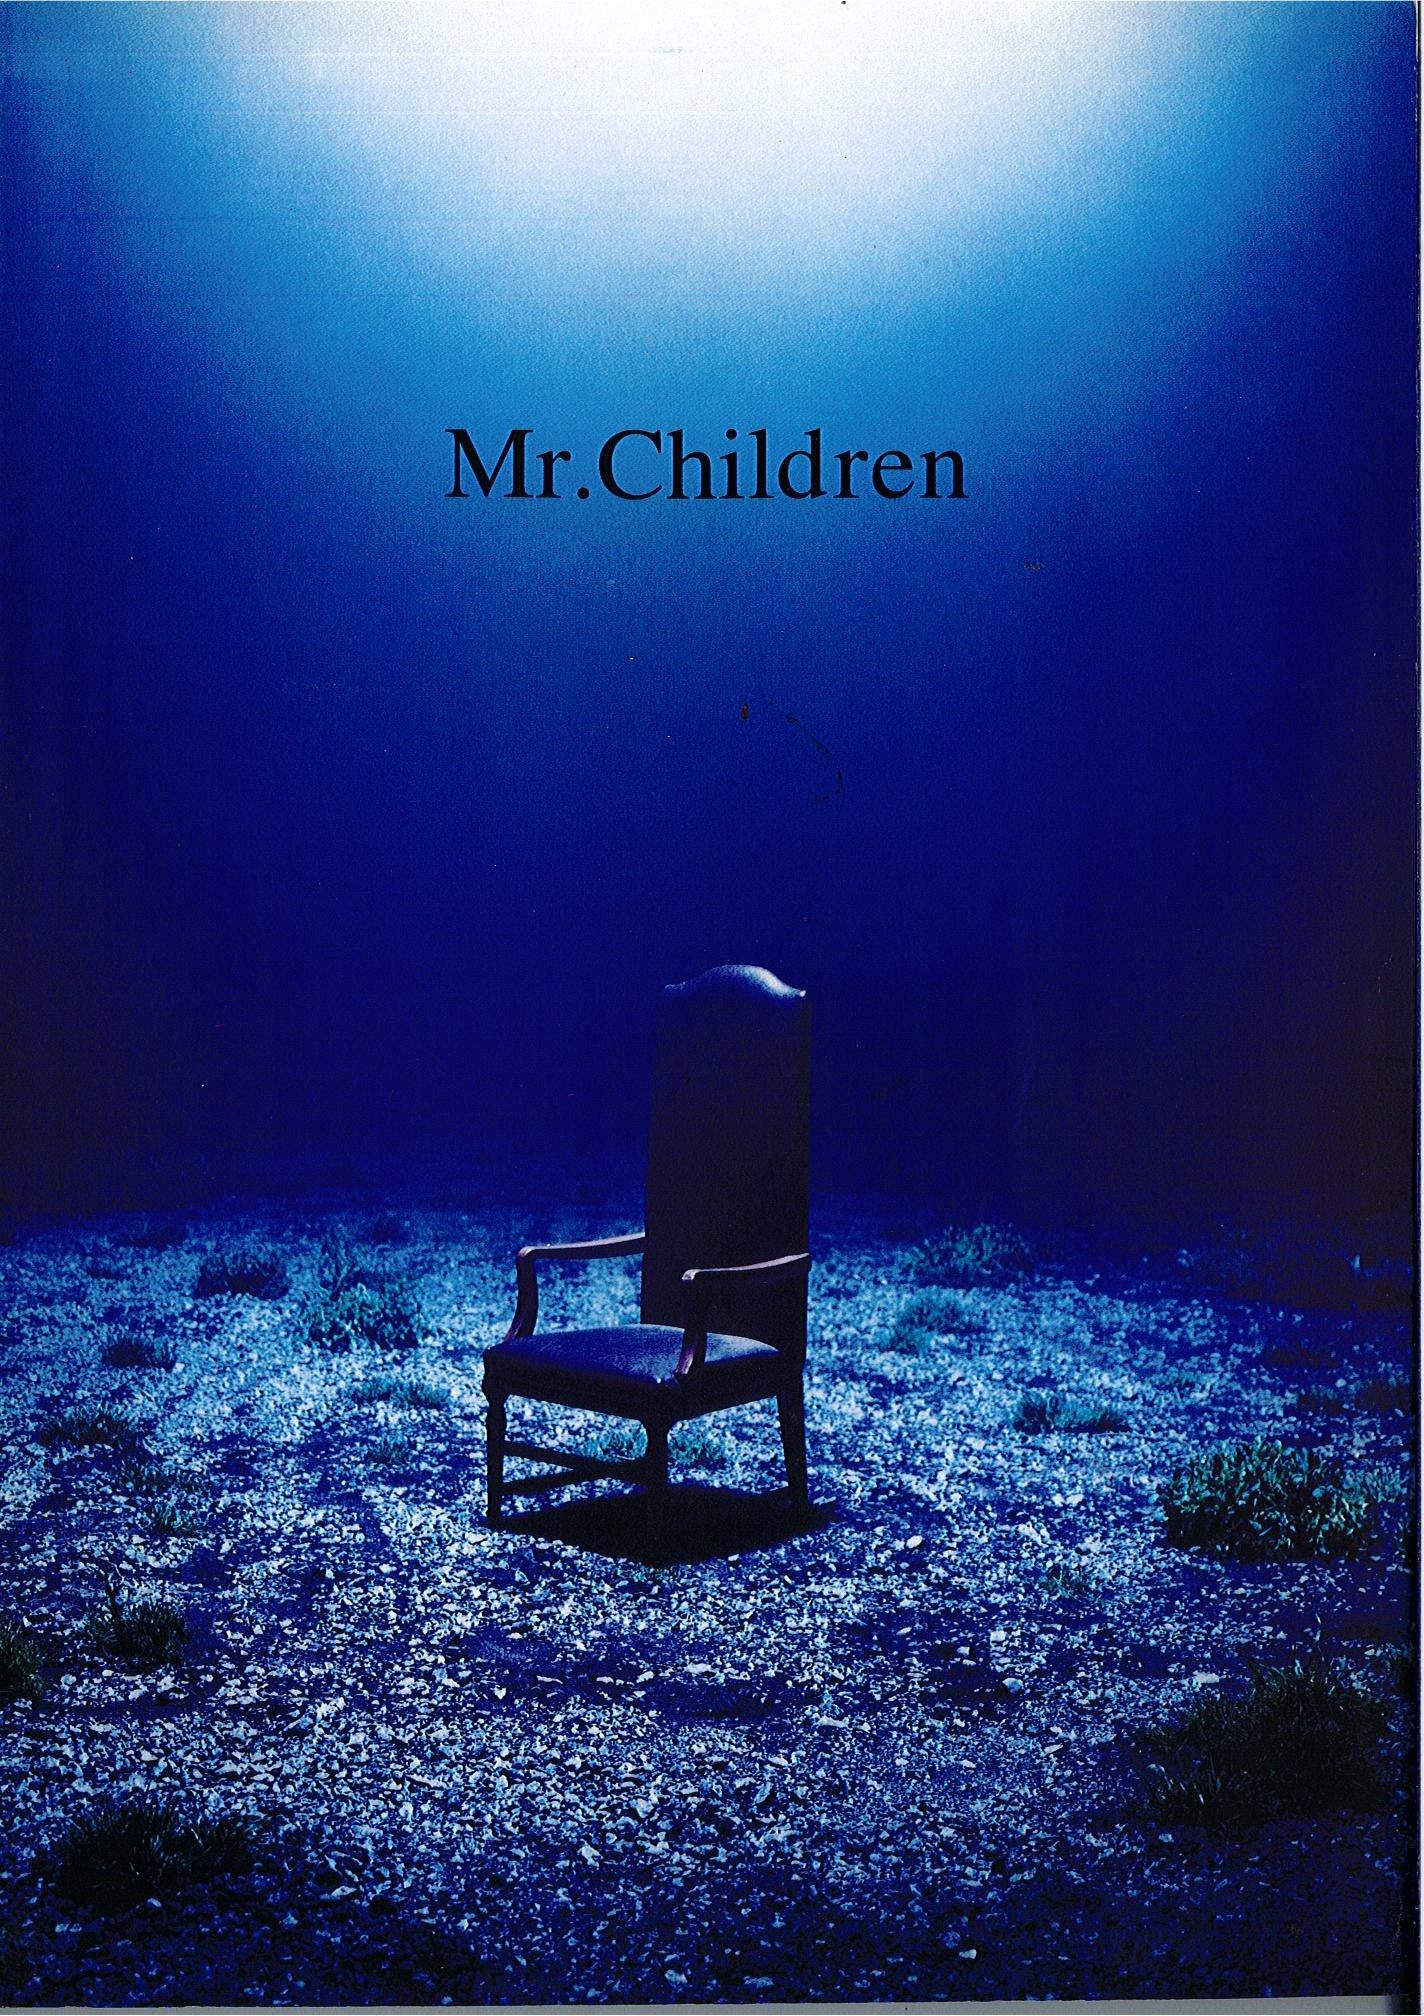 Mr Children 深海 株式会社ドレミ楽譜出版社 本 通販 Amazon